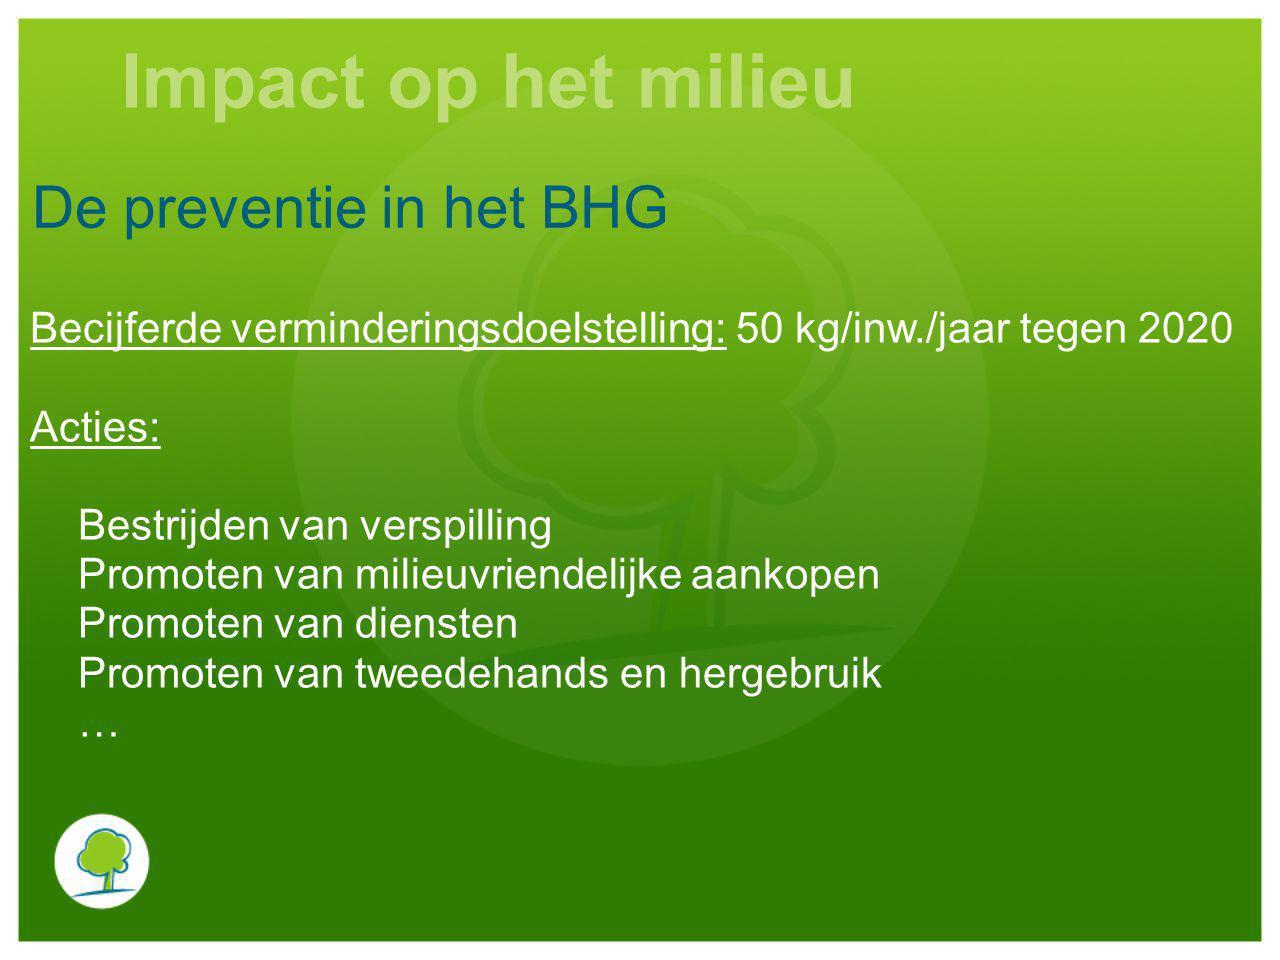 De preventie in het BHG Becijferde verminderingsdoelstelling: 50 kg/inw./jaar tegen 2020 Acties: Bestrijden van verspilling Promoten van milieuvriende